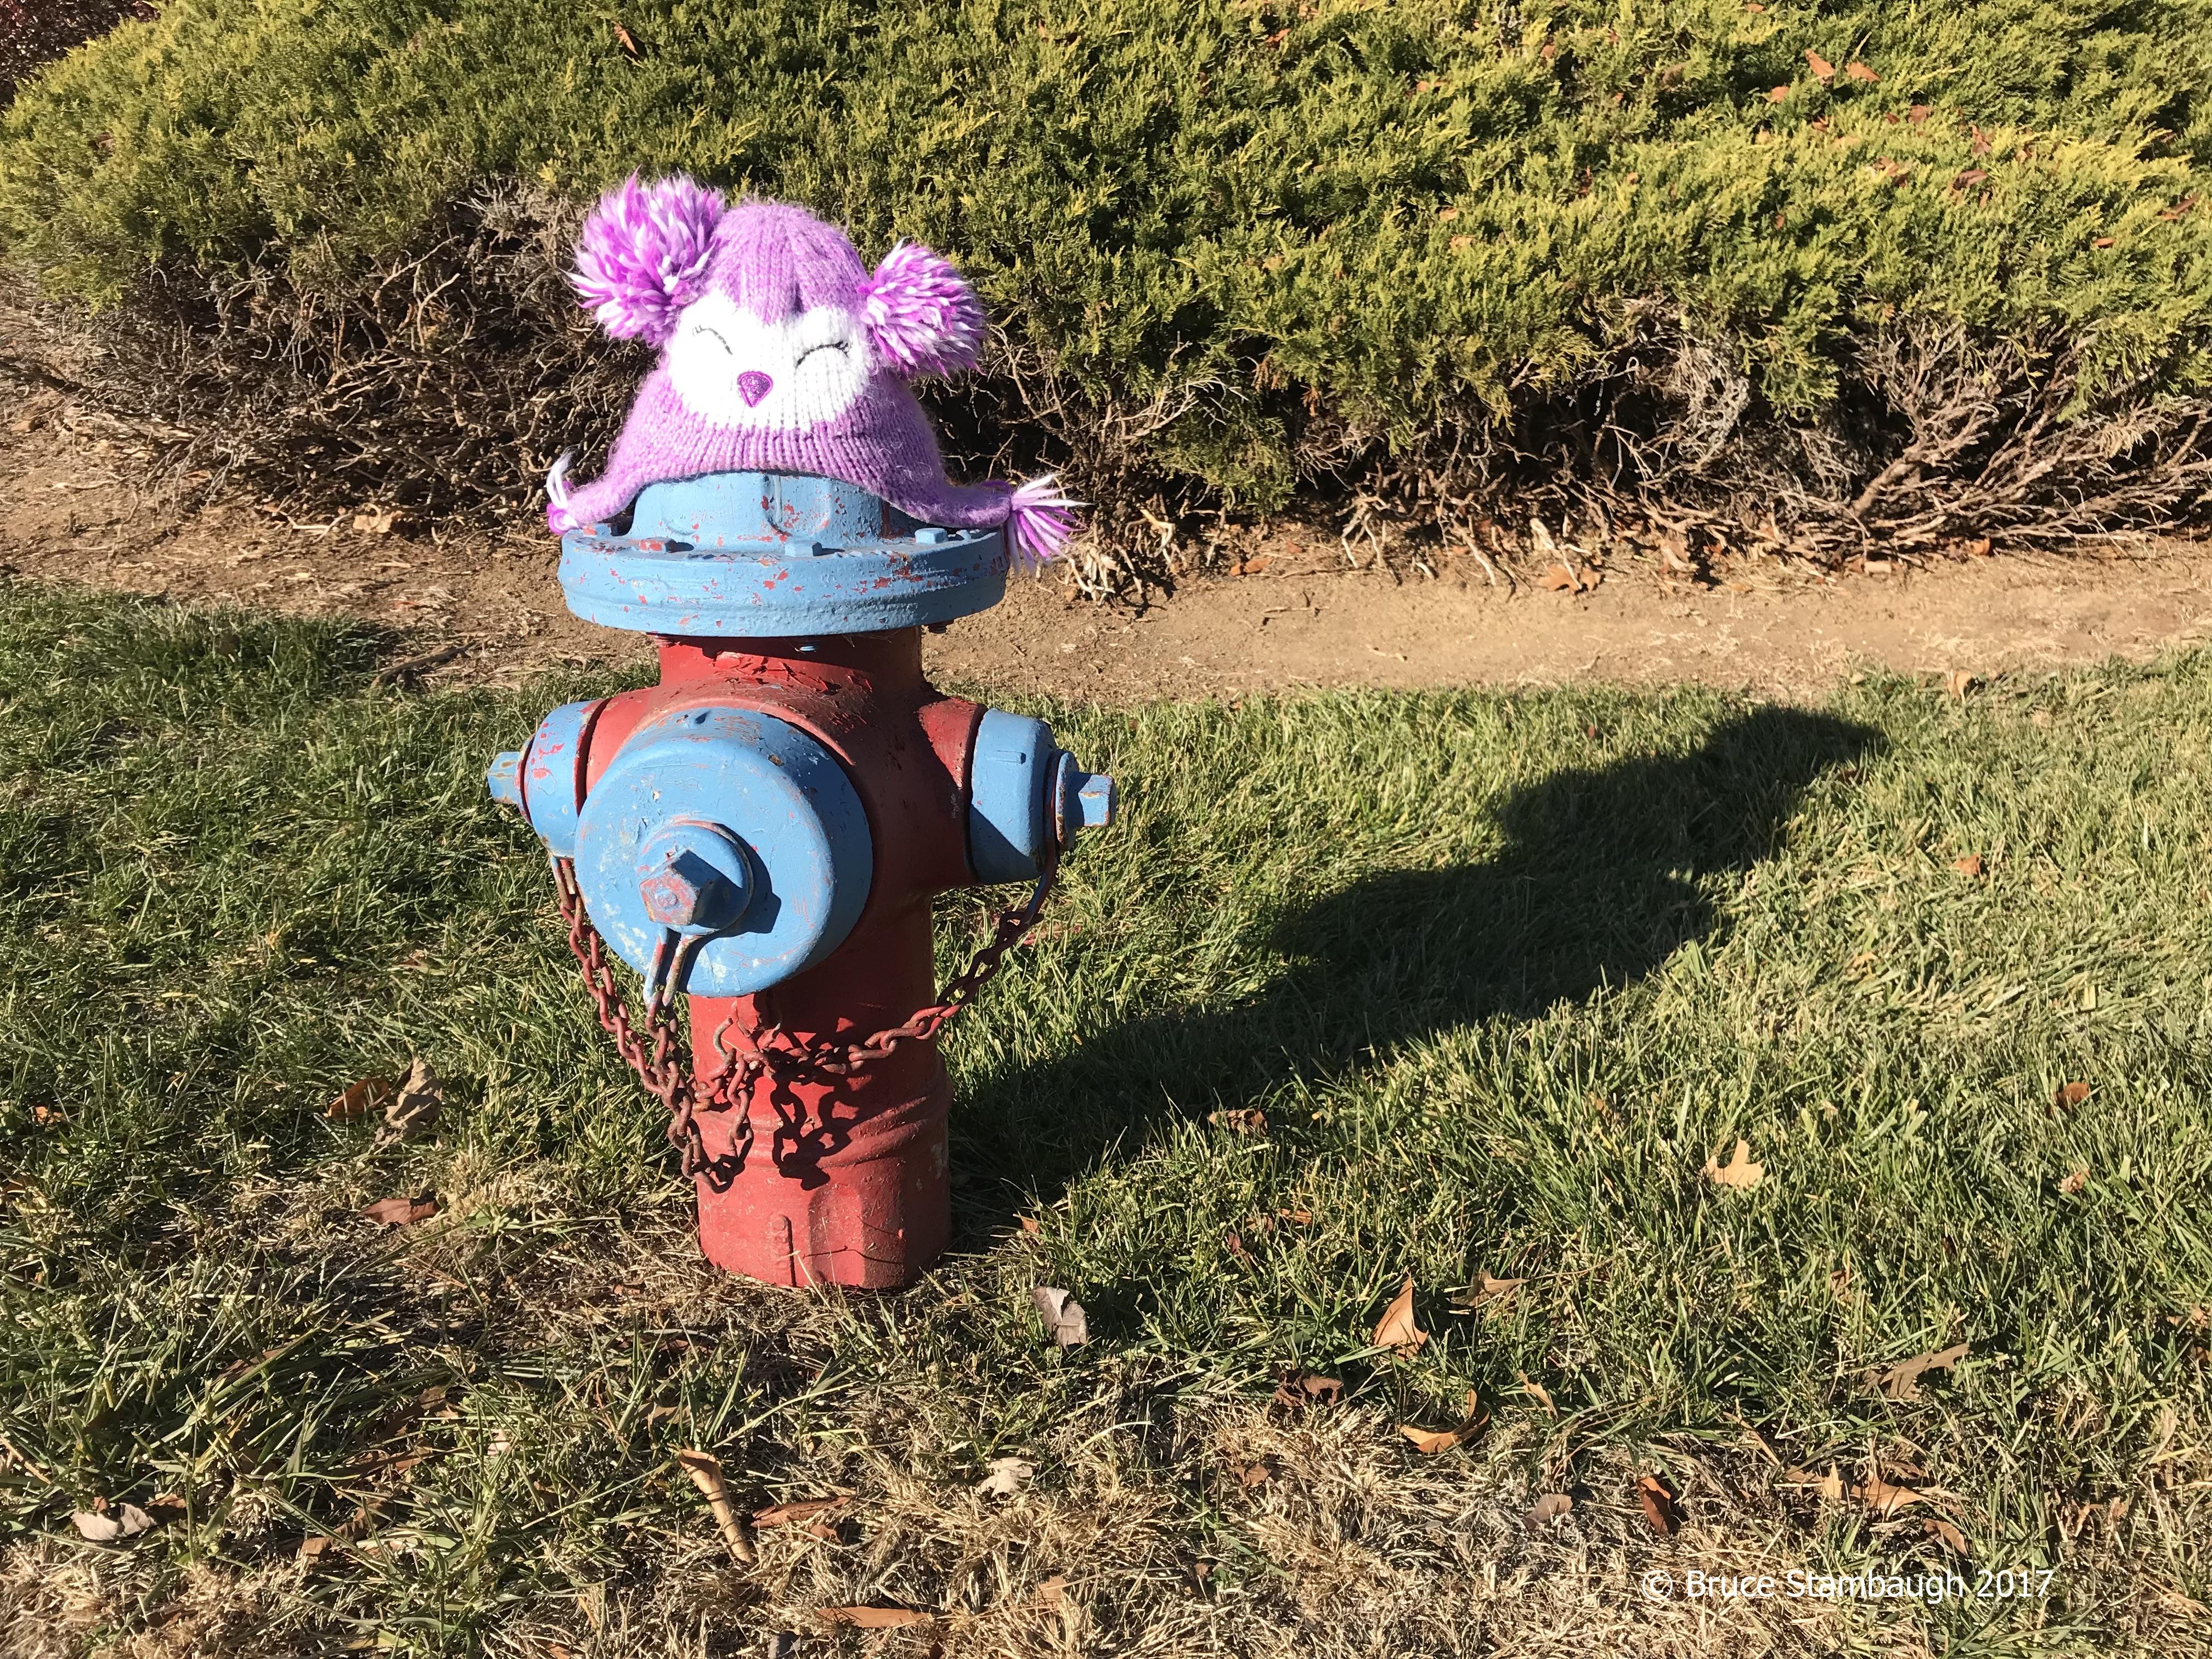 lost hat, fire hydrant, repurpose